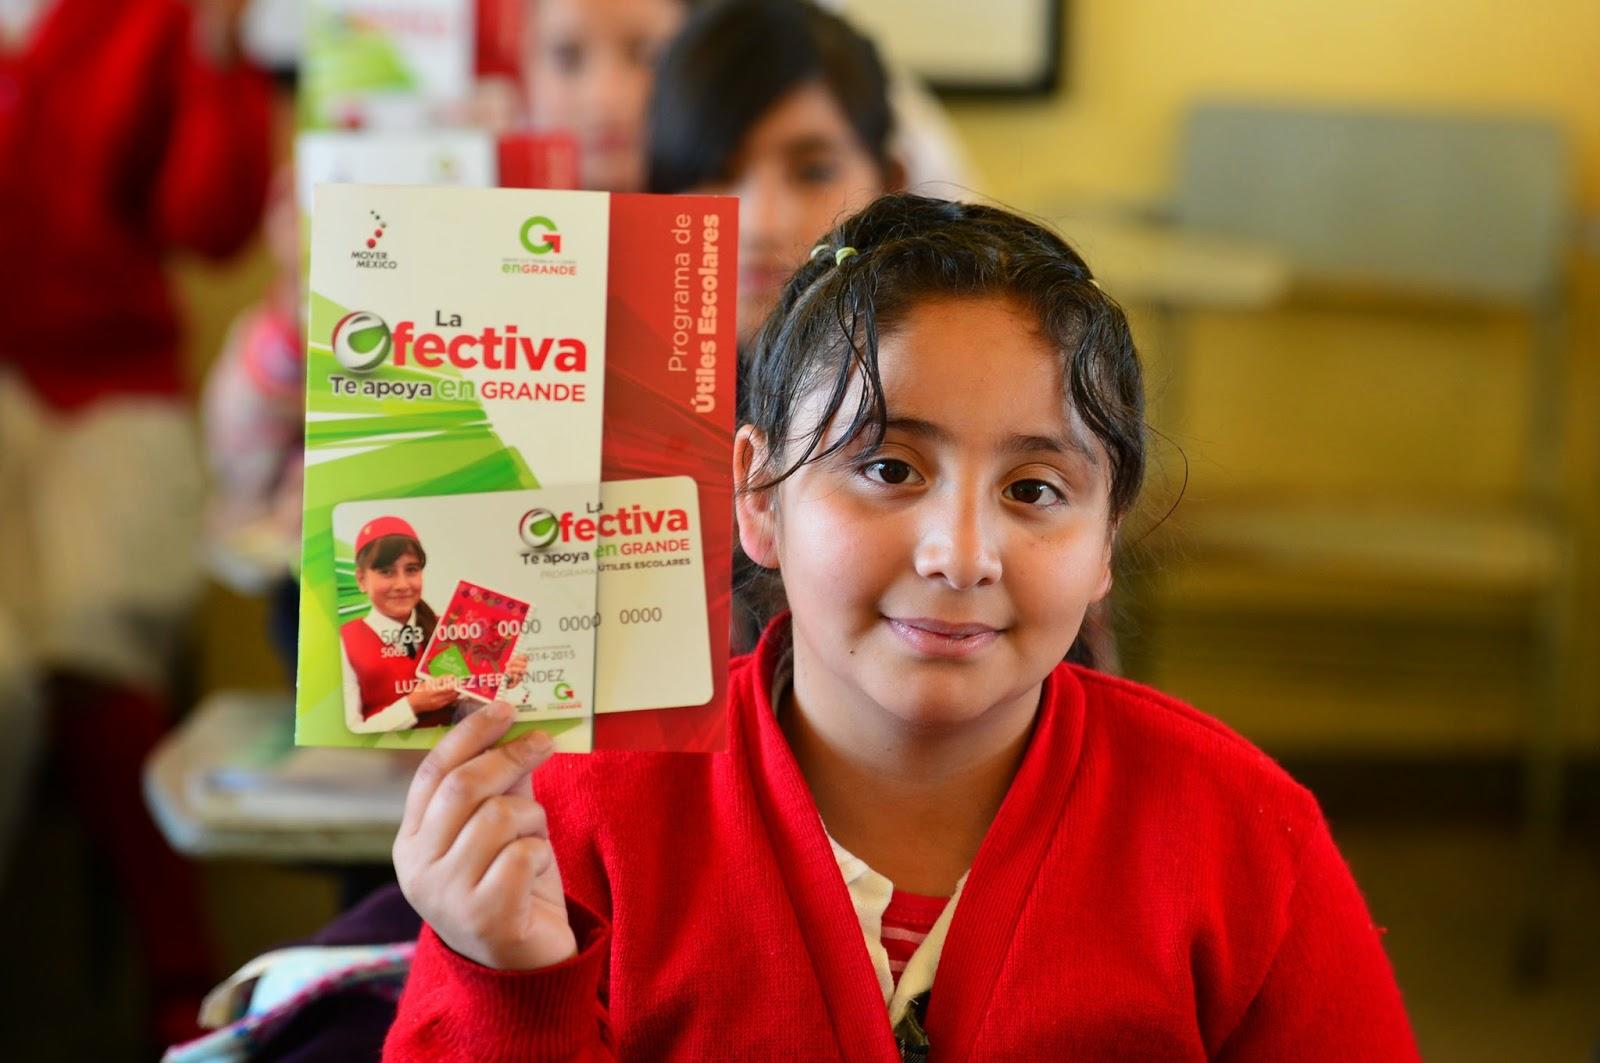 Imagen de Alumnos mexiquenses tendr�n �tiles y descuentos con �La Efectiva�